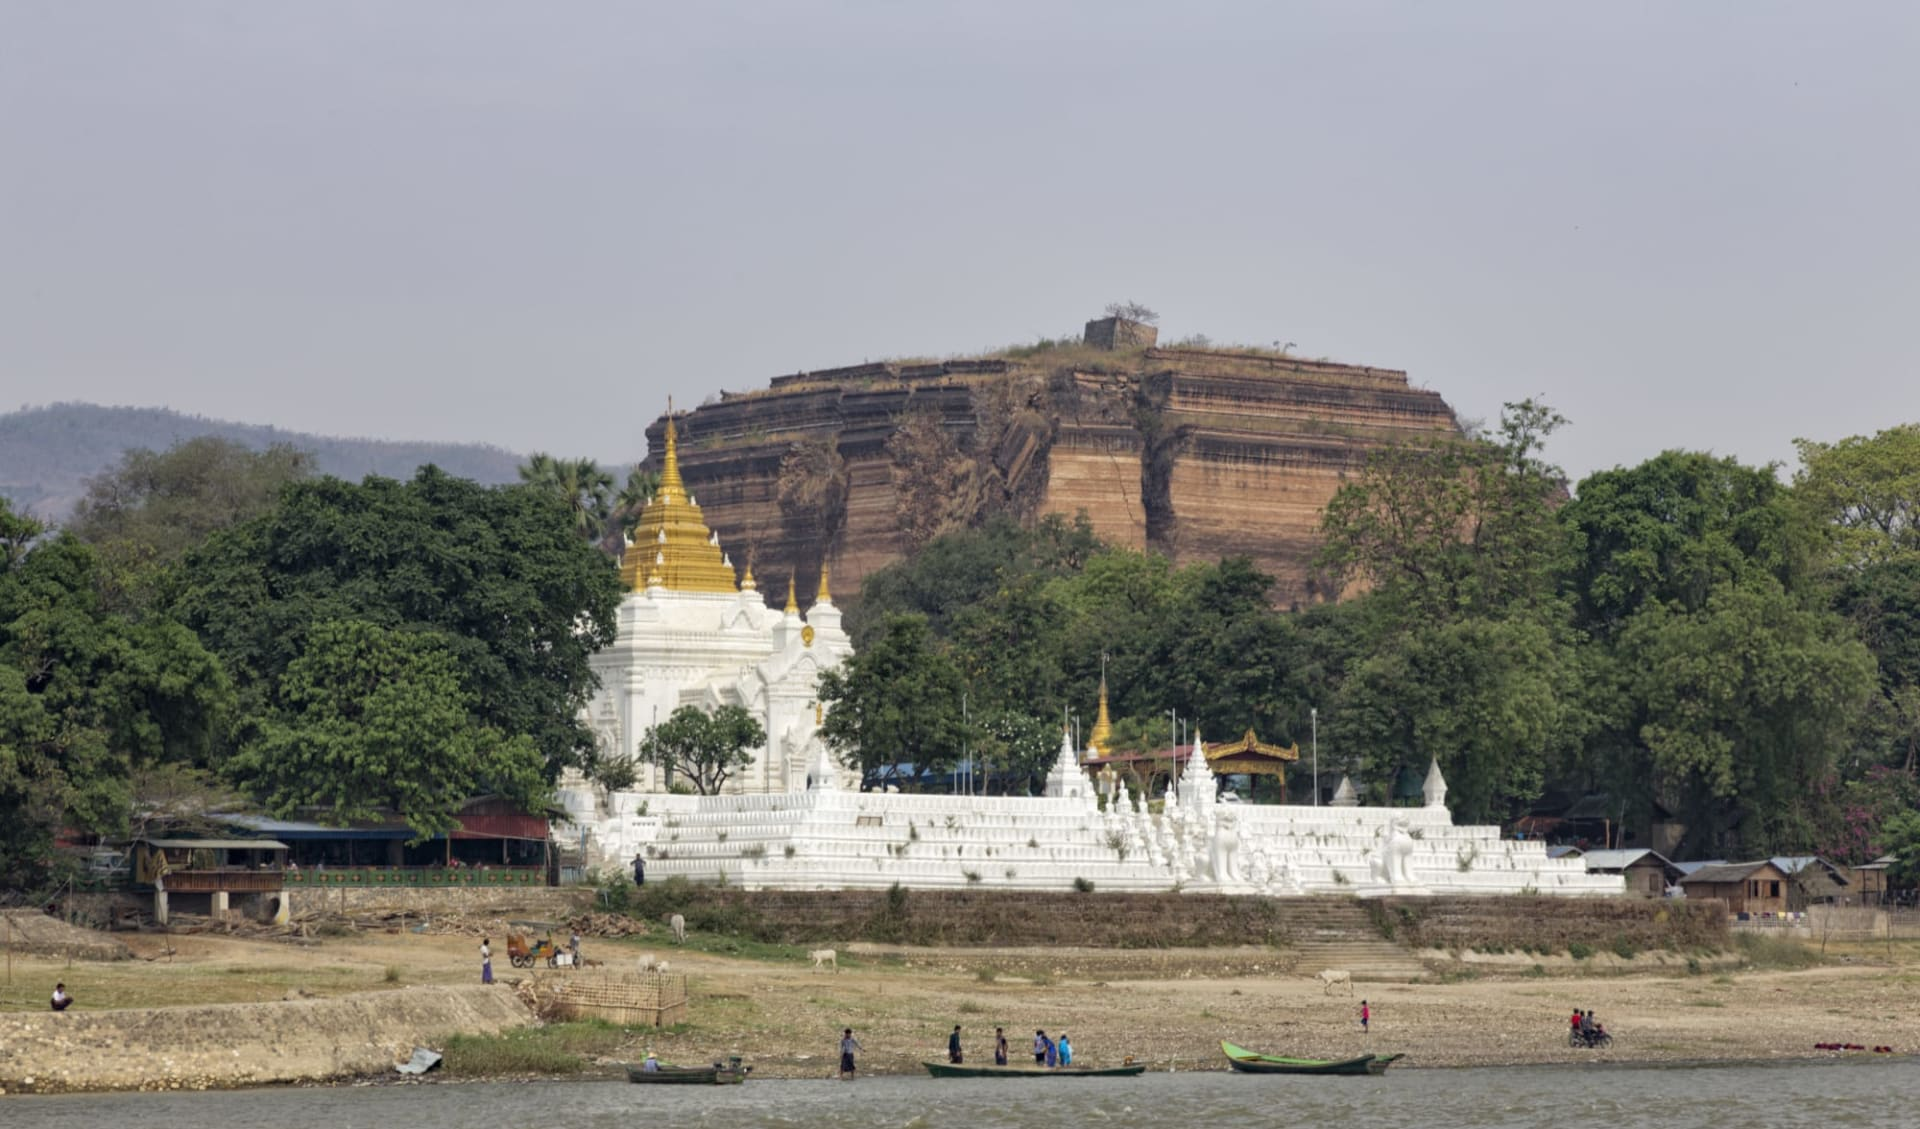 Flussfahrt auf dem mystischen Irrawaddy ab Bhamo: Mandalay Mingun